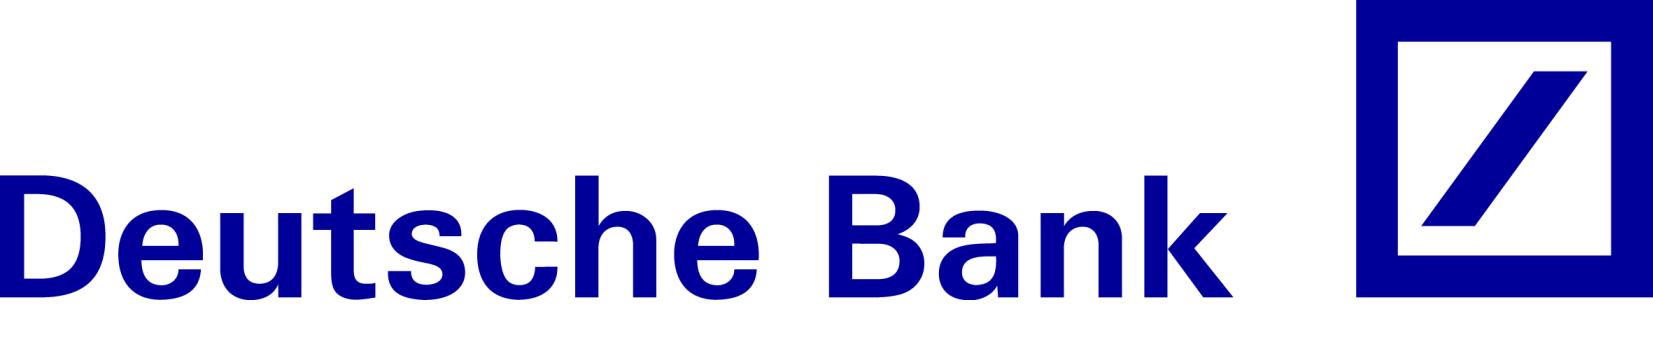 Deutsche bank forex traders